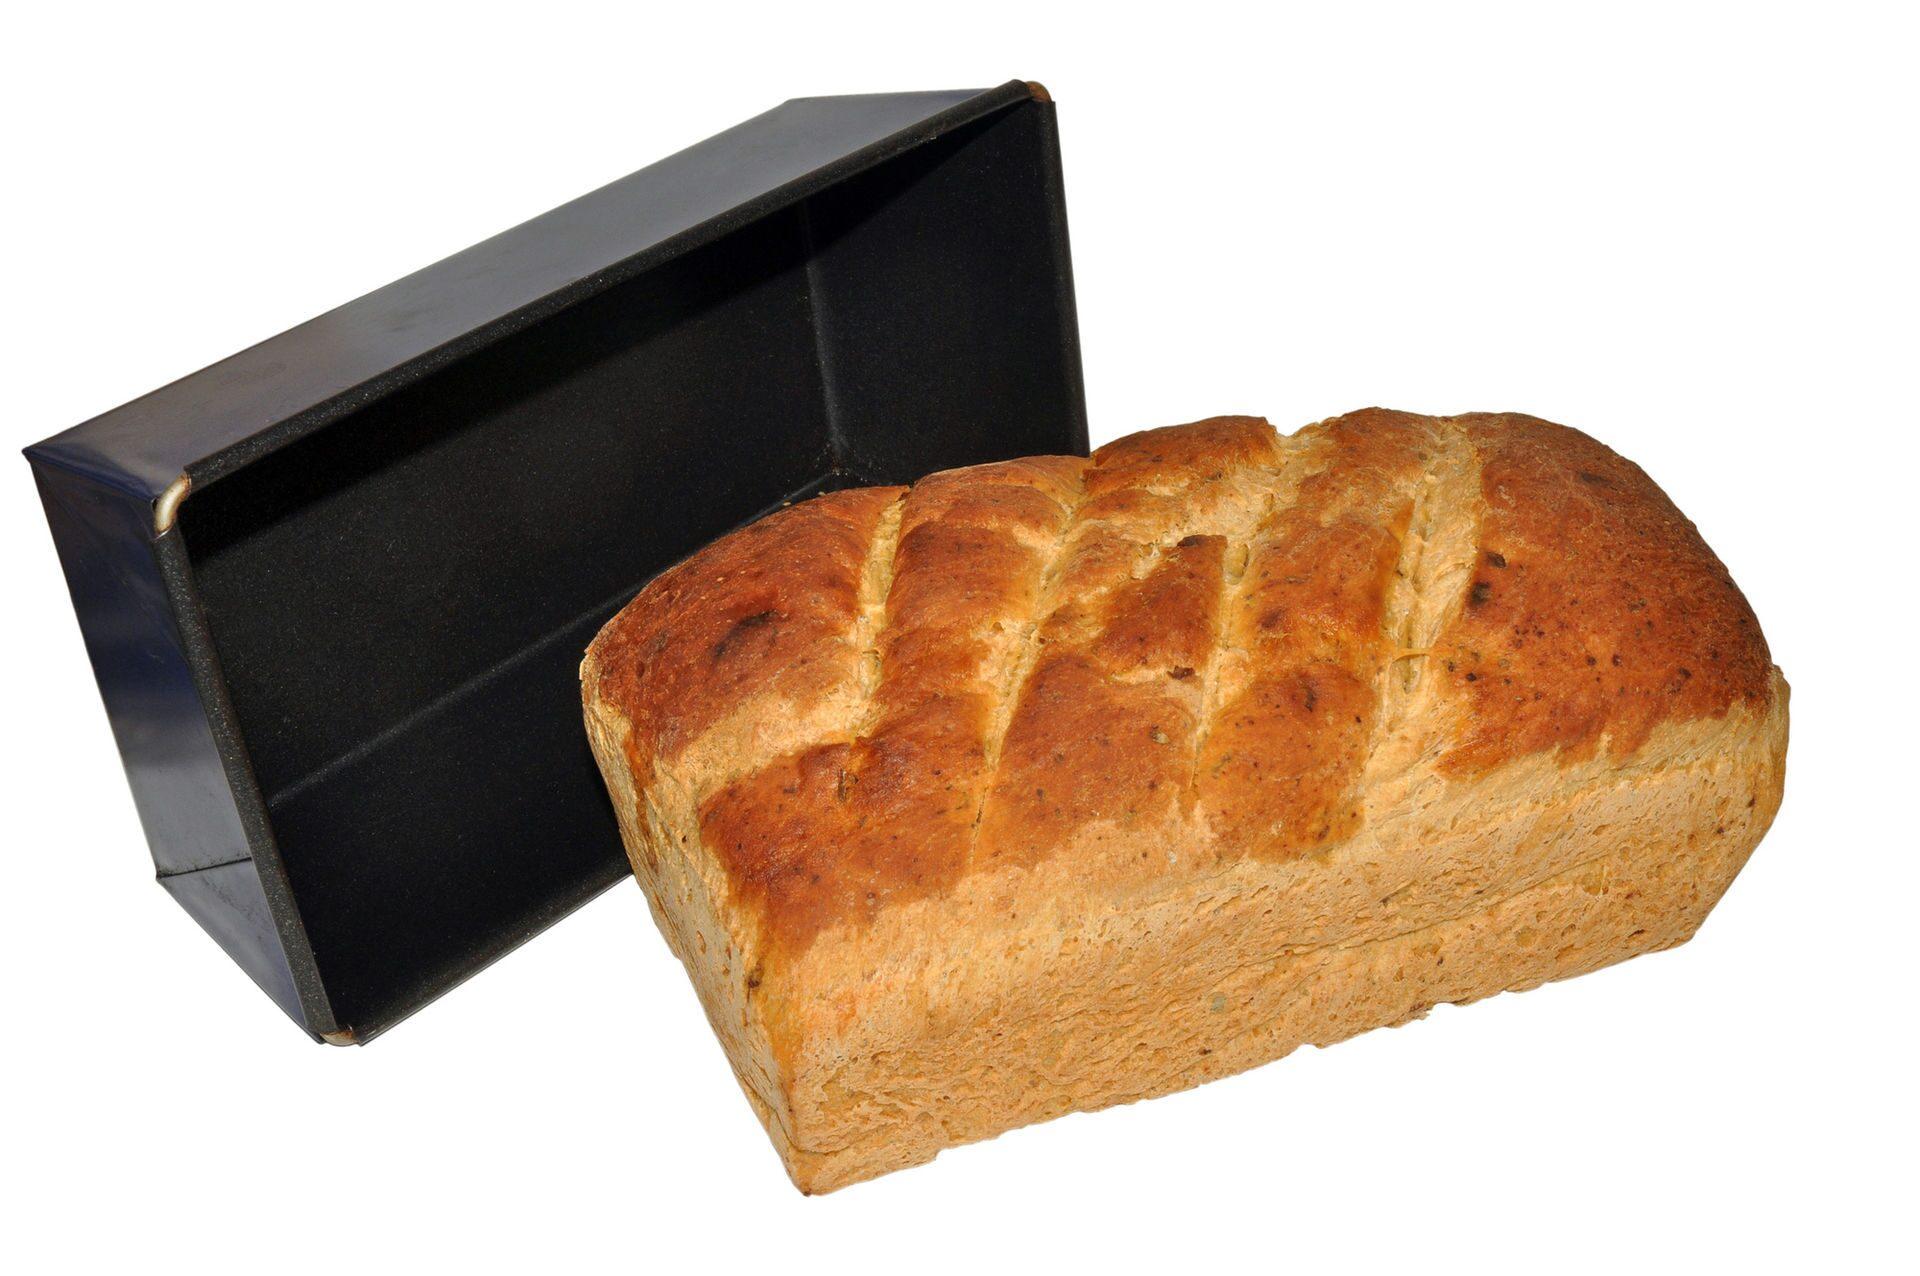 Форма для выпечки хлеба своими руками 86